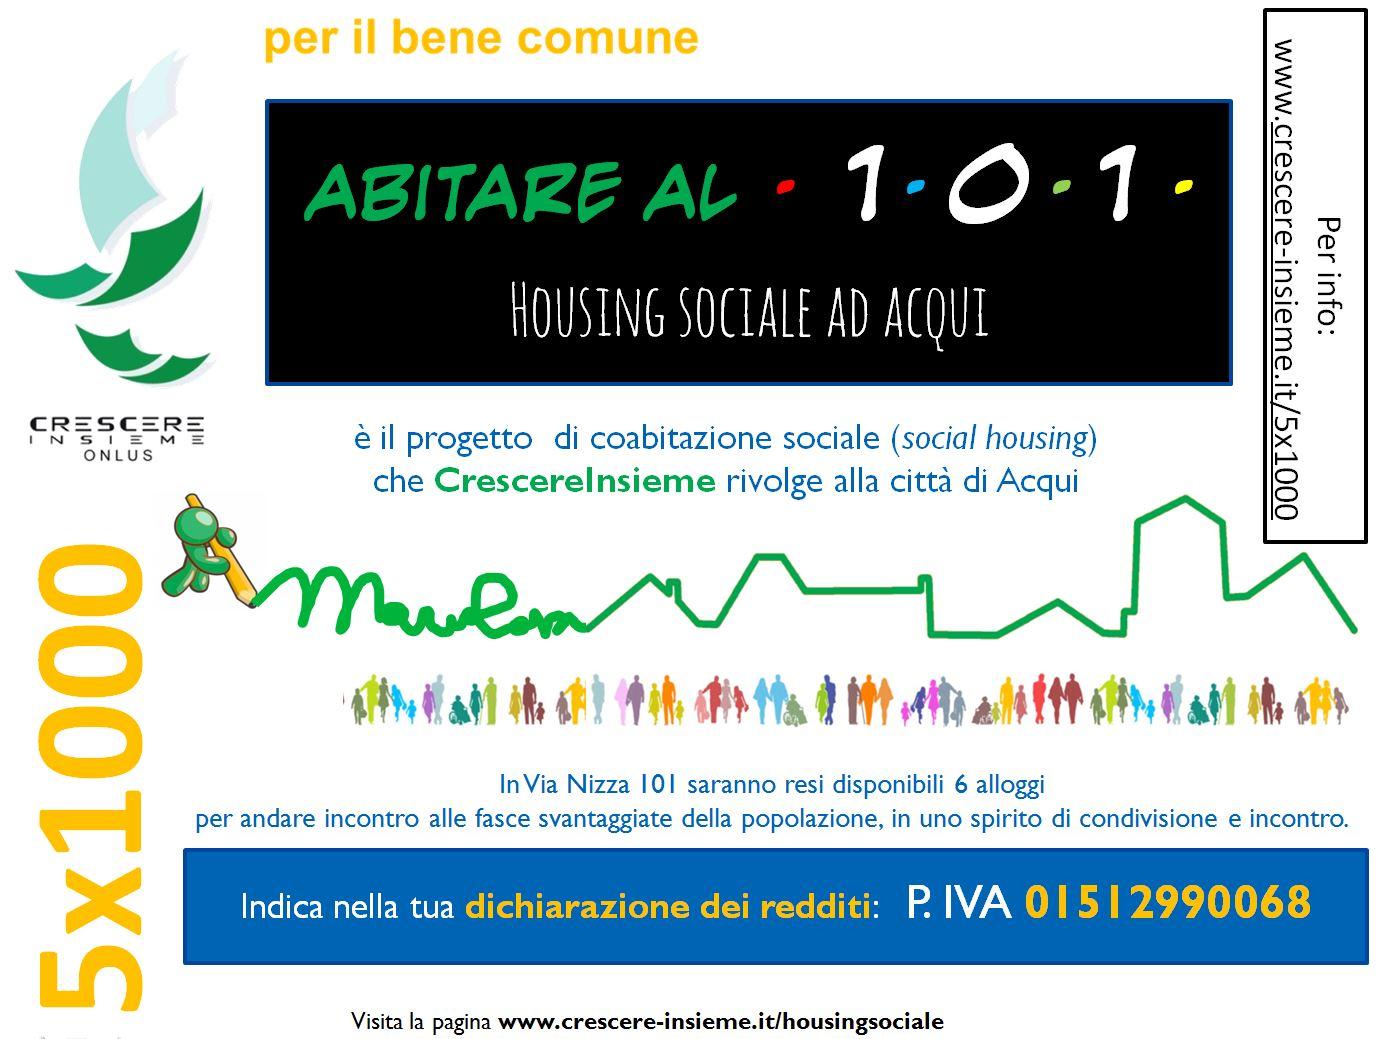 5*1000 | ABITARE al 101